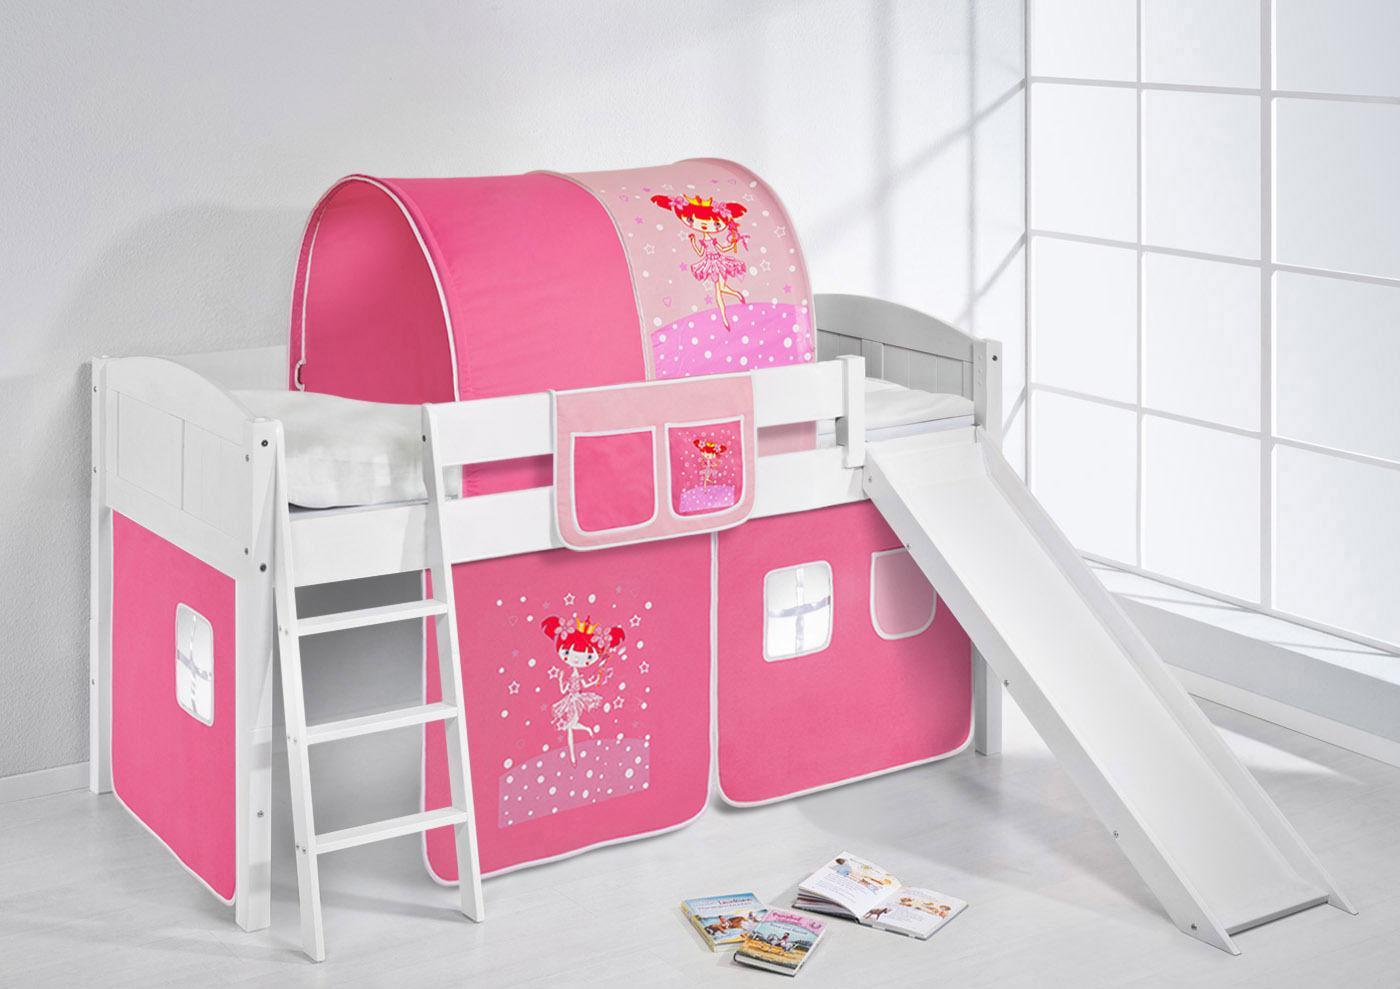 spielbett mit rutsche landi r zauberfee kiefer weiss mit vorhang kaufen bei sylwia. Black Bedroom Furniture Sets. Home Design Ideas